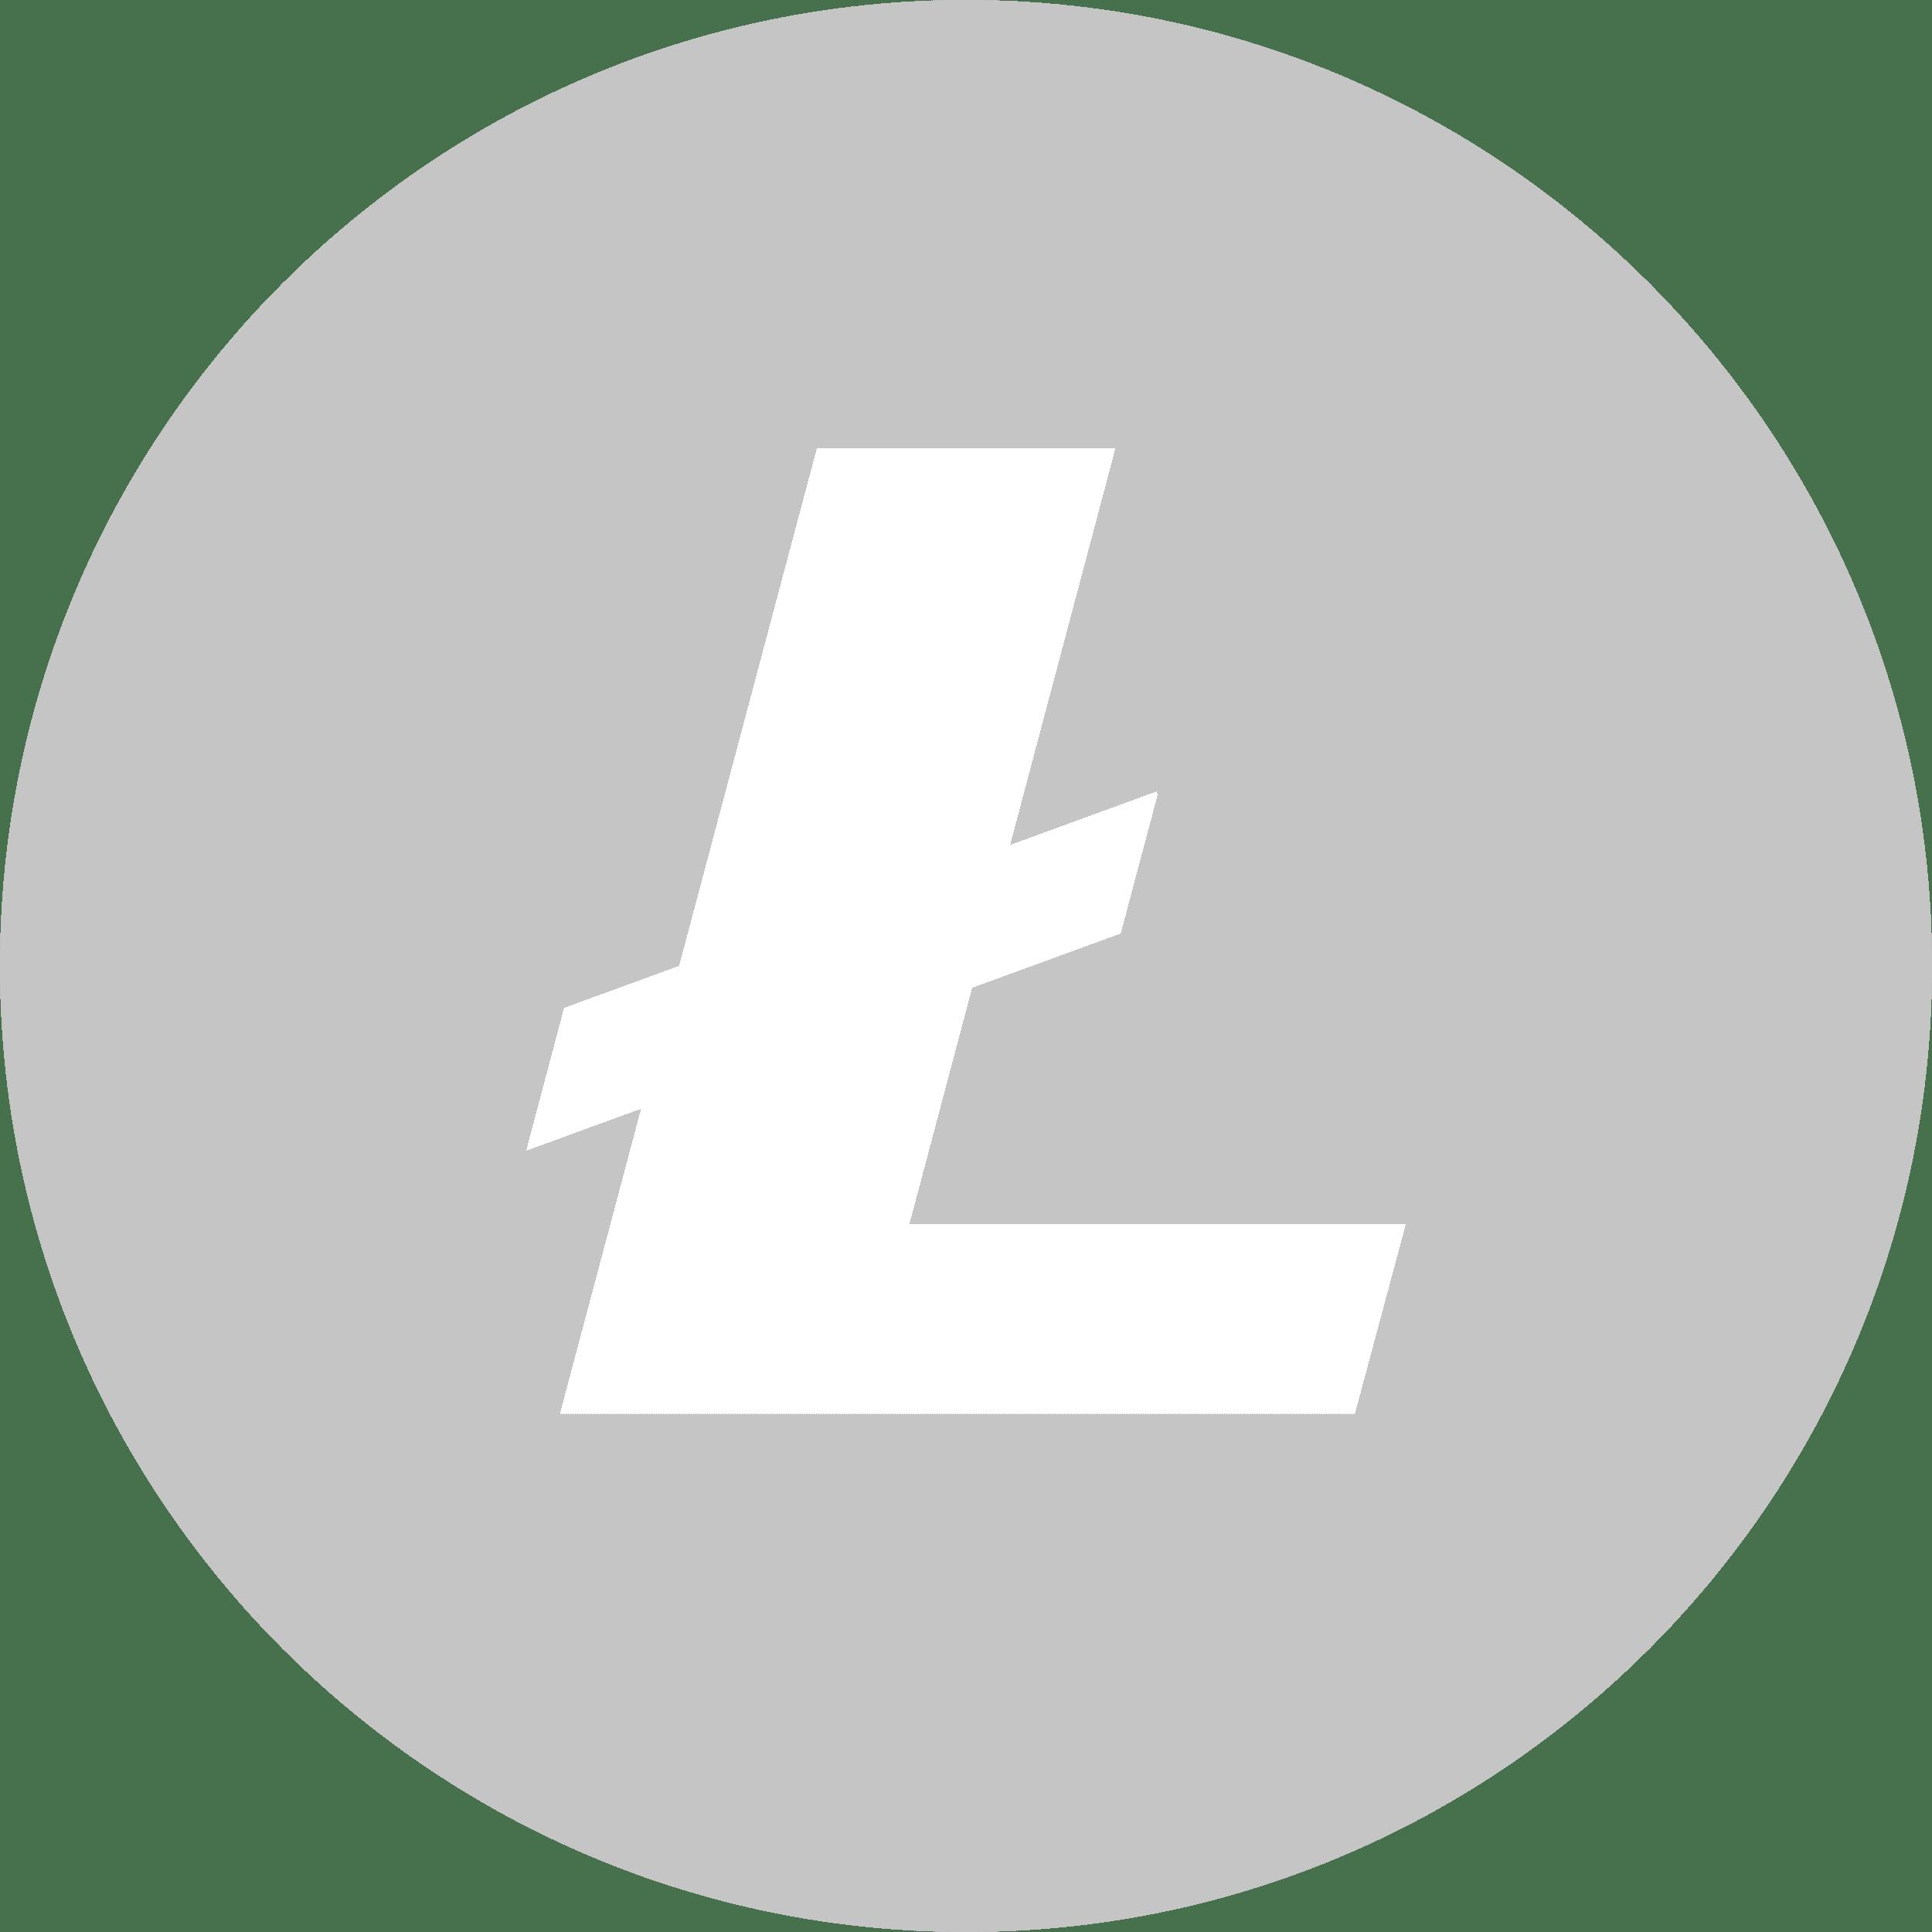 Hva er Litecoin?